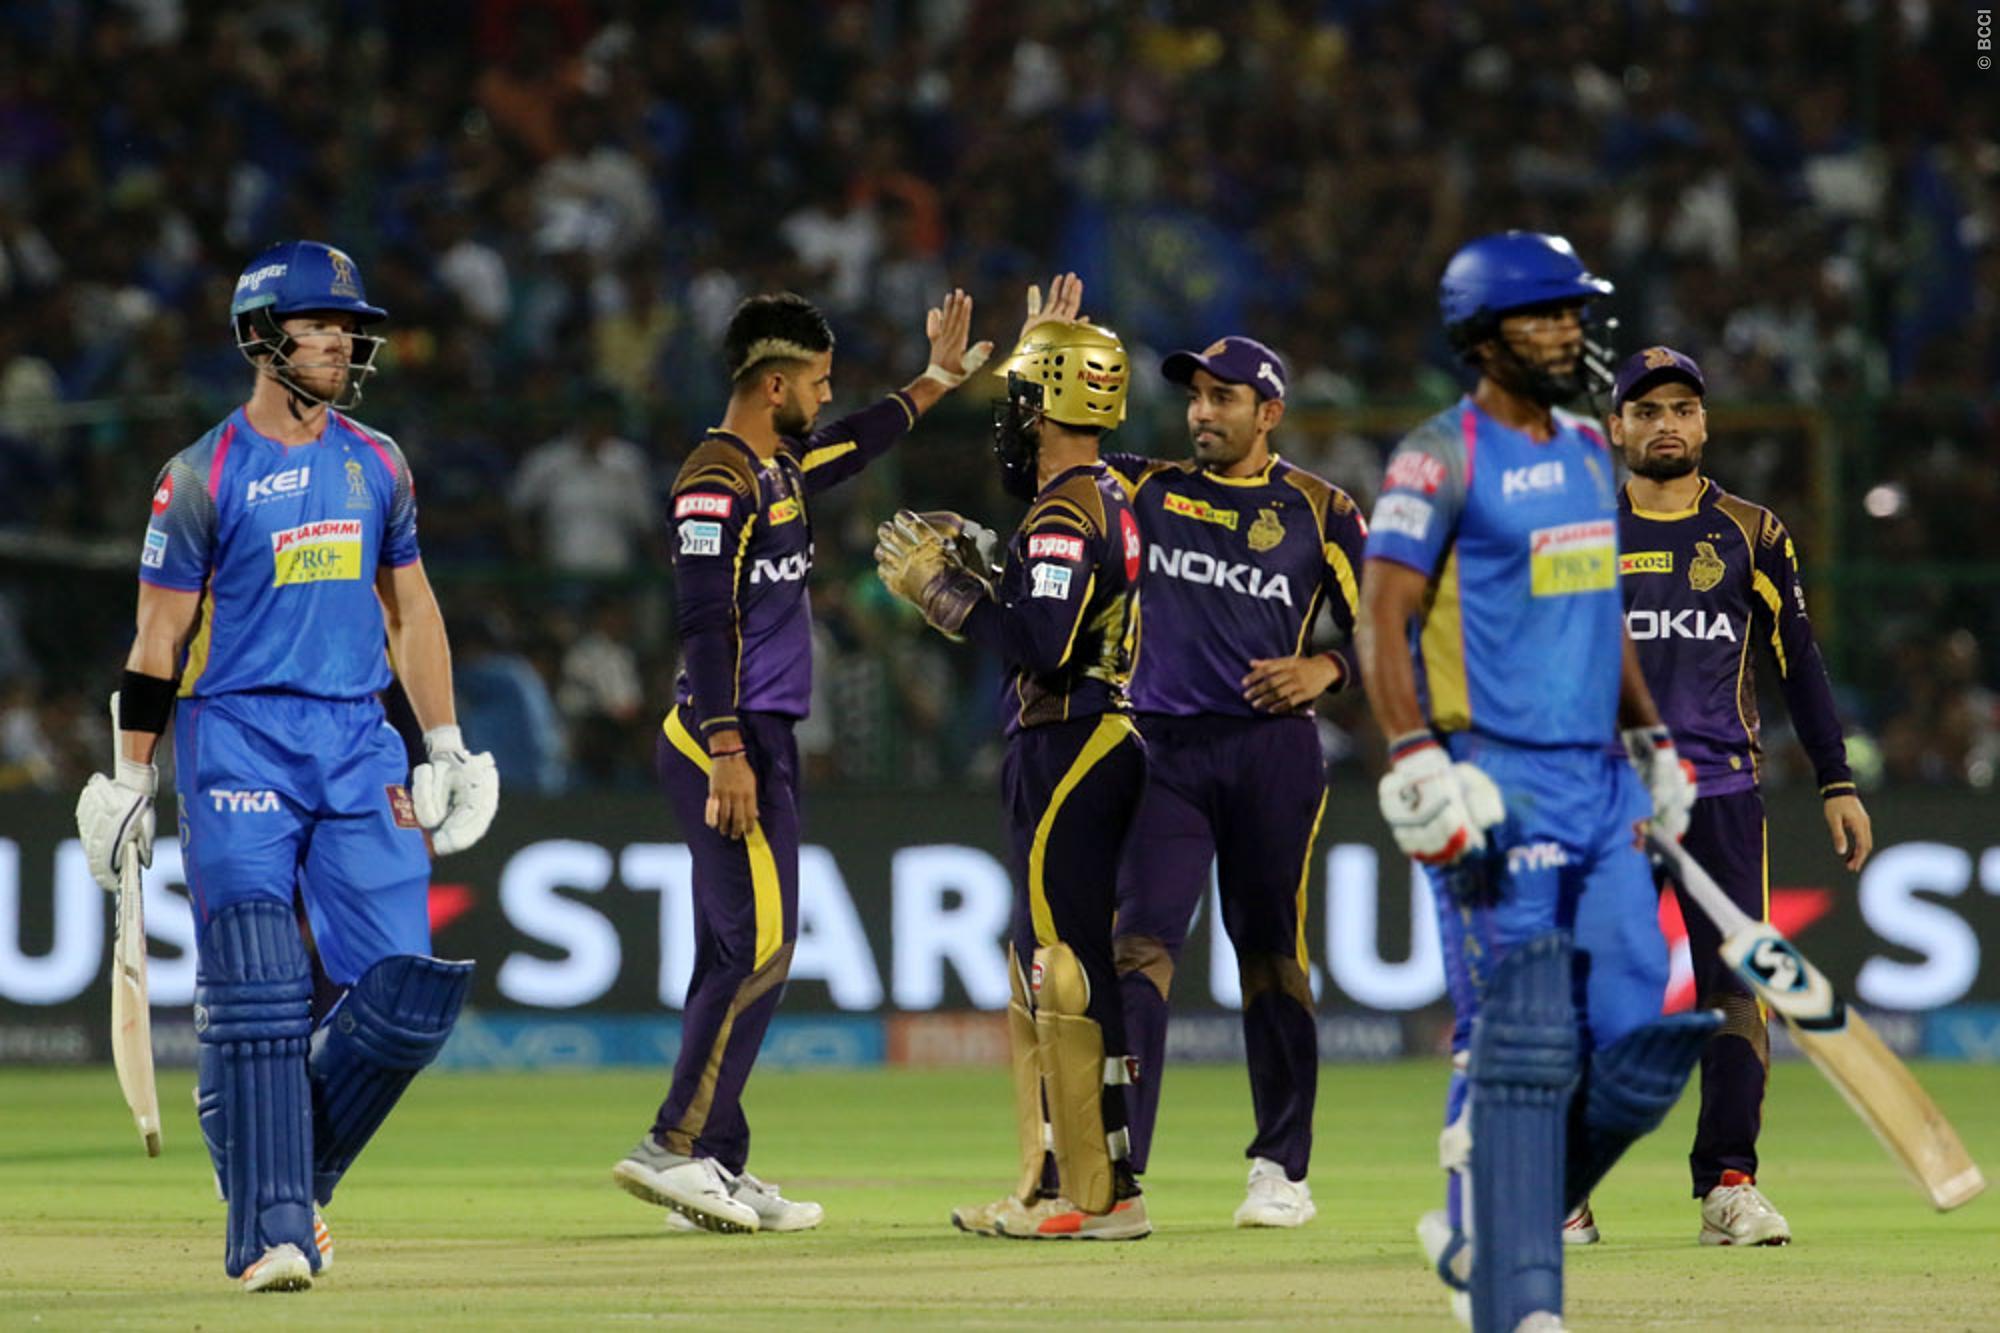 RECORD: कोलकाता की टीम ने रचा इतिहास सिर्फ आईपीएल में नहीं, बल्कि टी-20 फॉर्मेट में यह विश्व कीर्तिमान स्थापित करने वाली सबसे पहली टीम बनी केकेआर 22